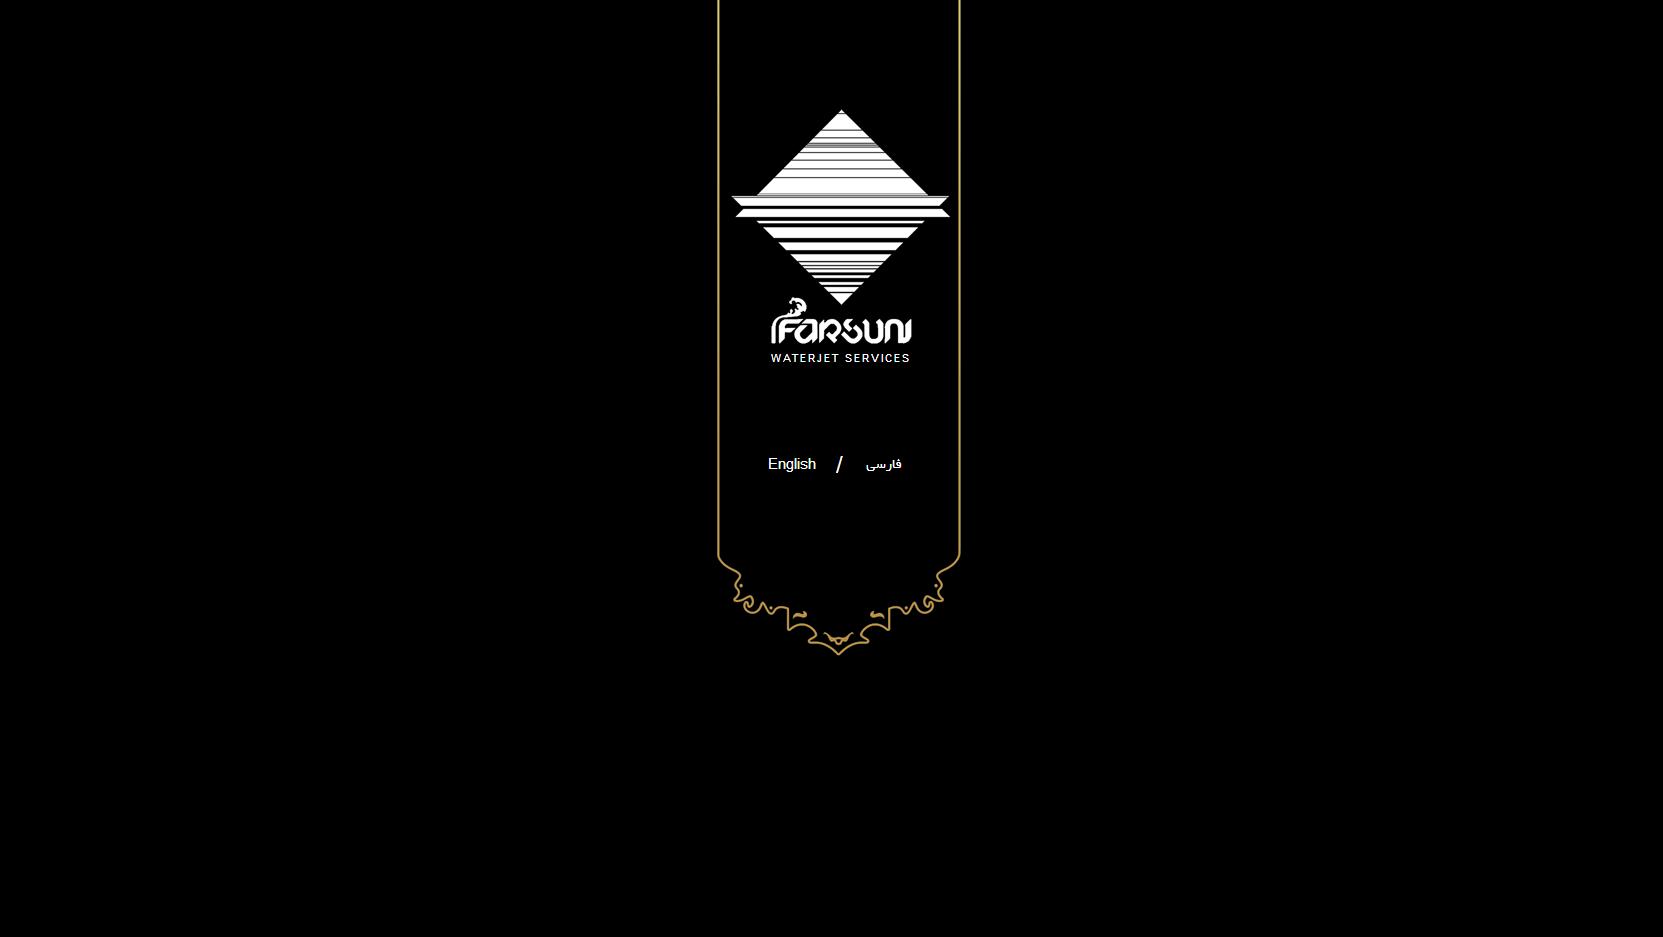 طراحی سایت دو زبانه واترجت فرسان - شرکت طراحی تبلیغاتی کی نگار